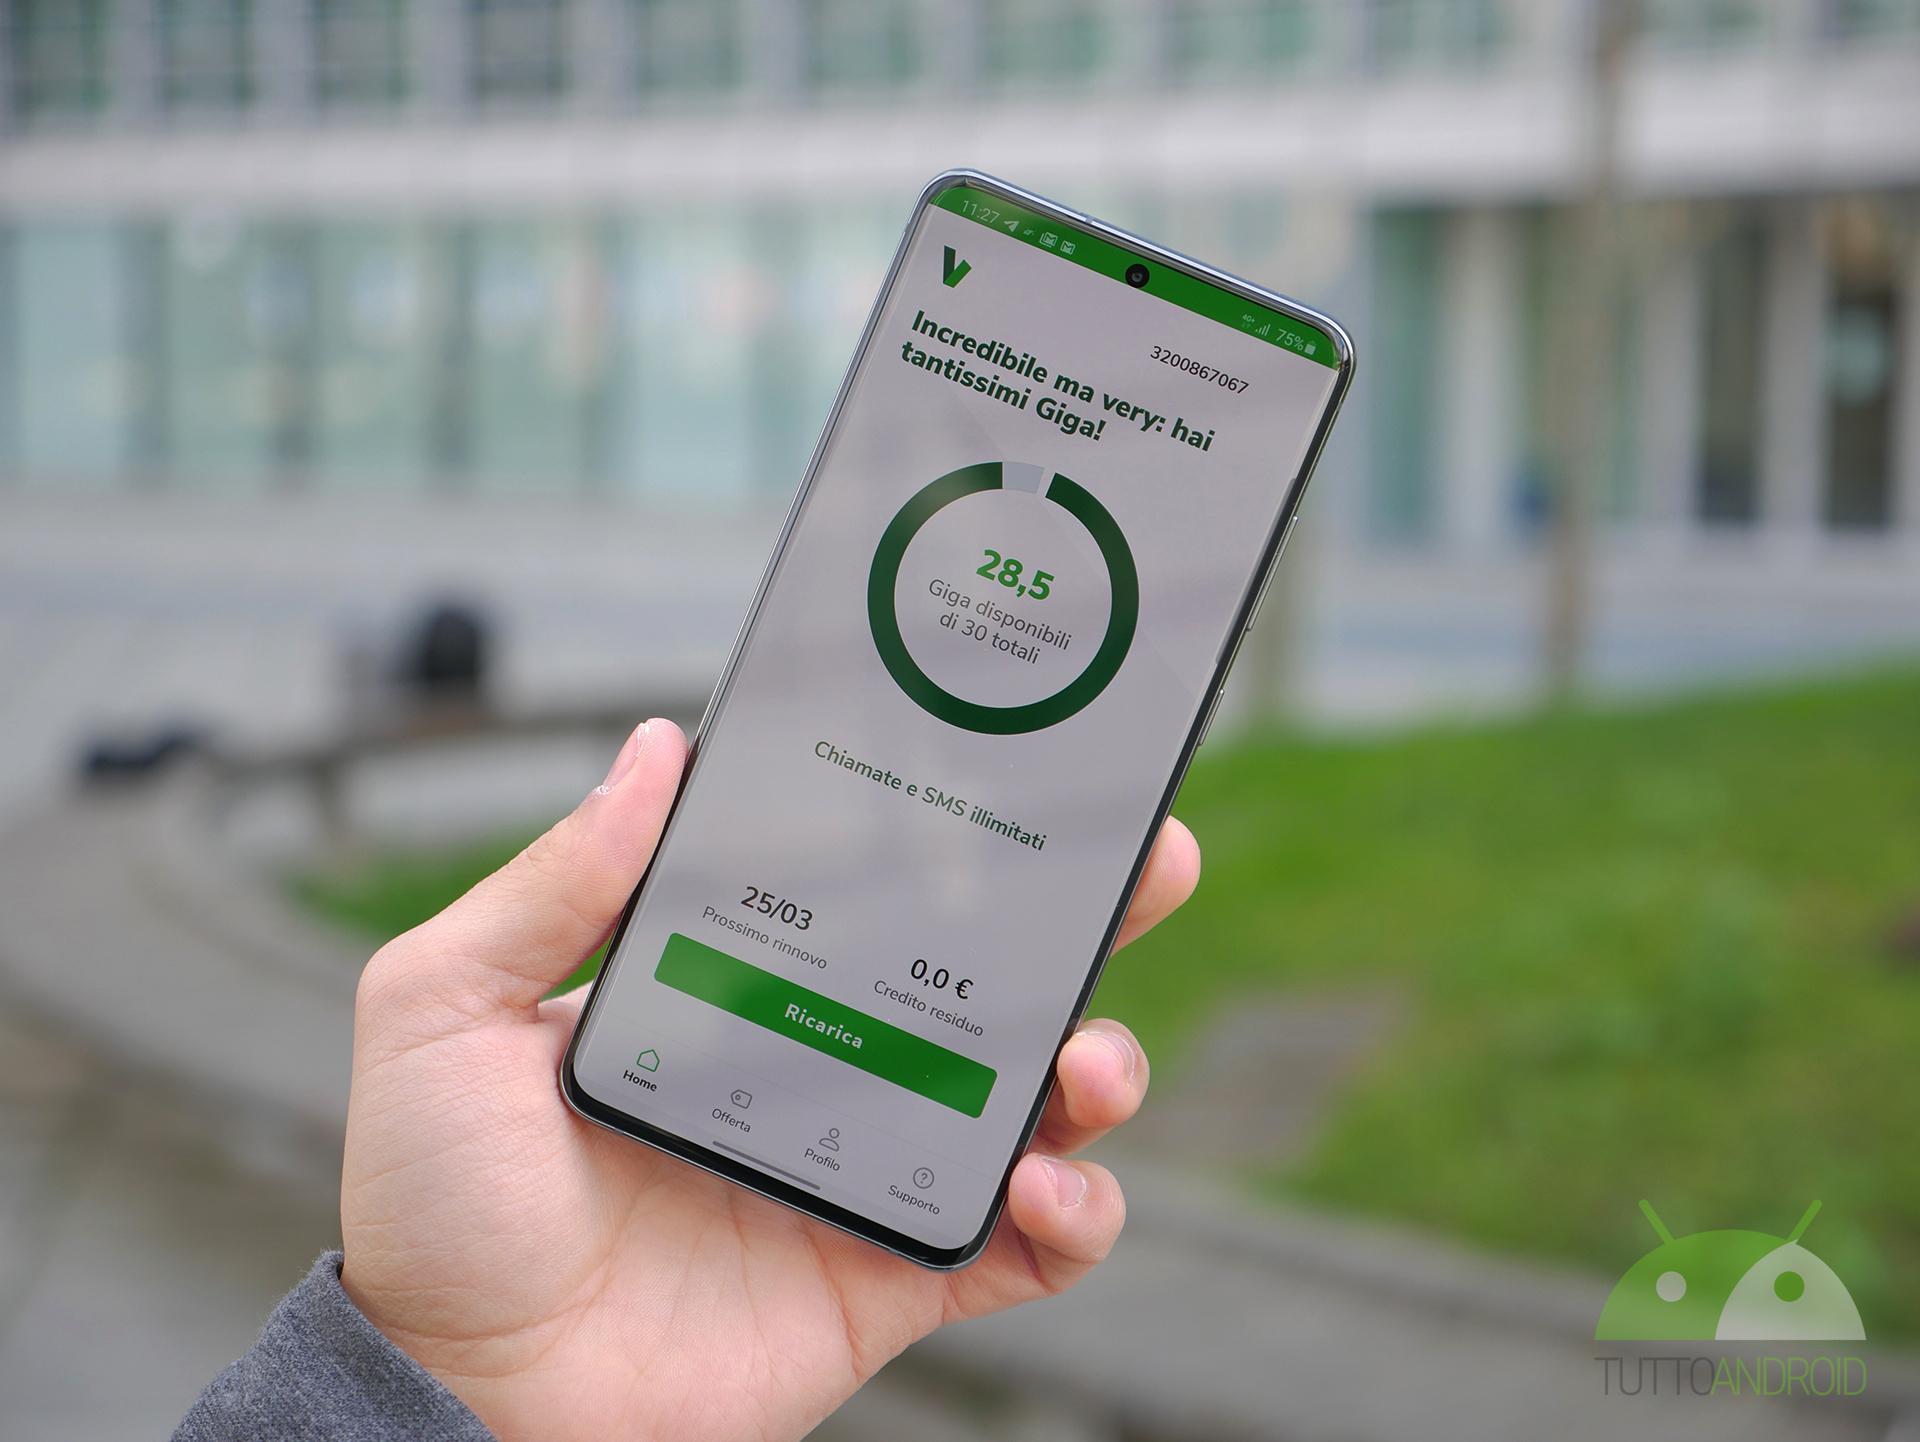 L'app Very Mobile ora consente di attivare la ricarica autom